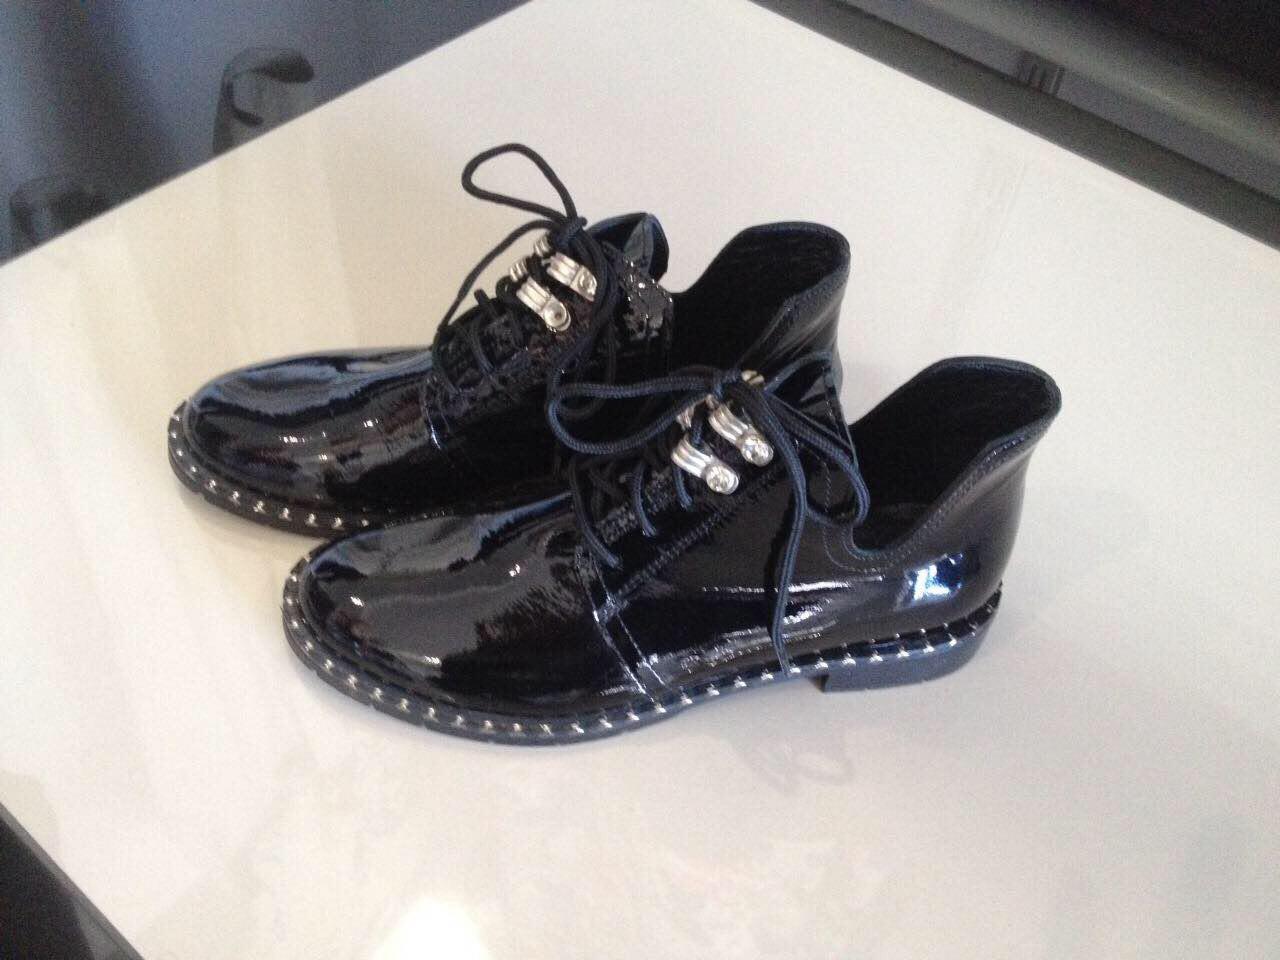 Шкіряні лаковані туфлі на шнурках купити в Ужгороді - Товари ... 75bef71e8727c